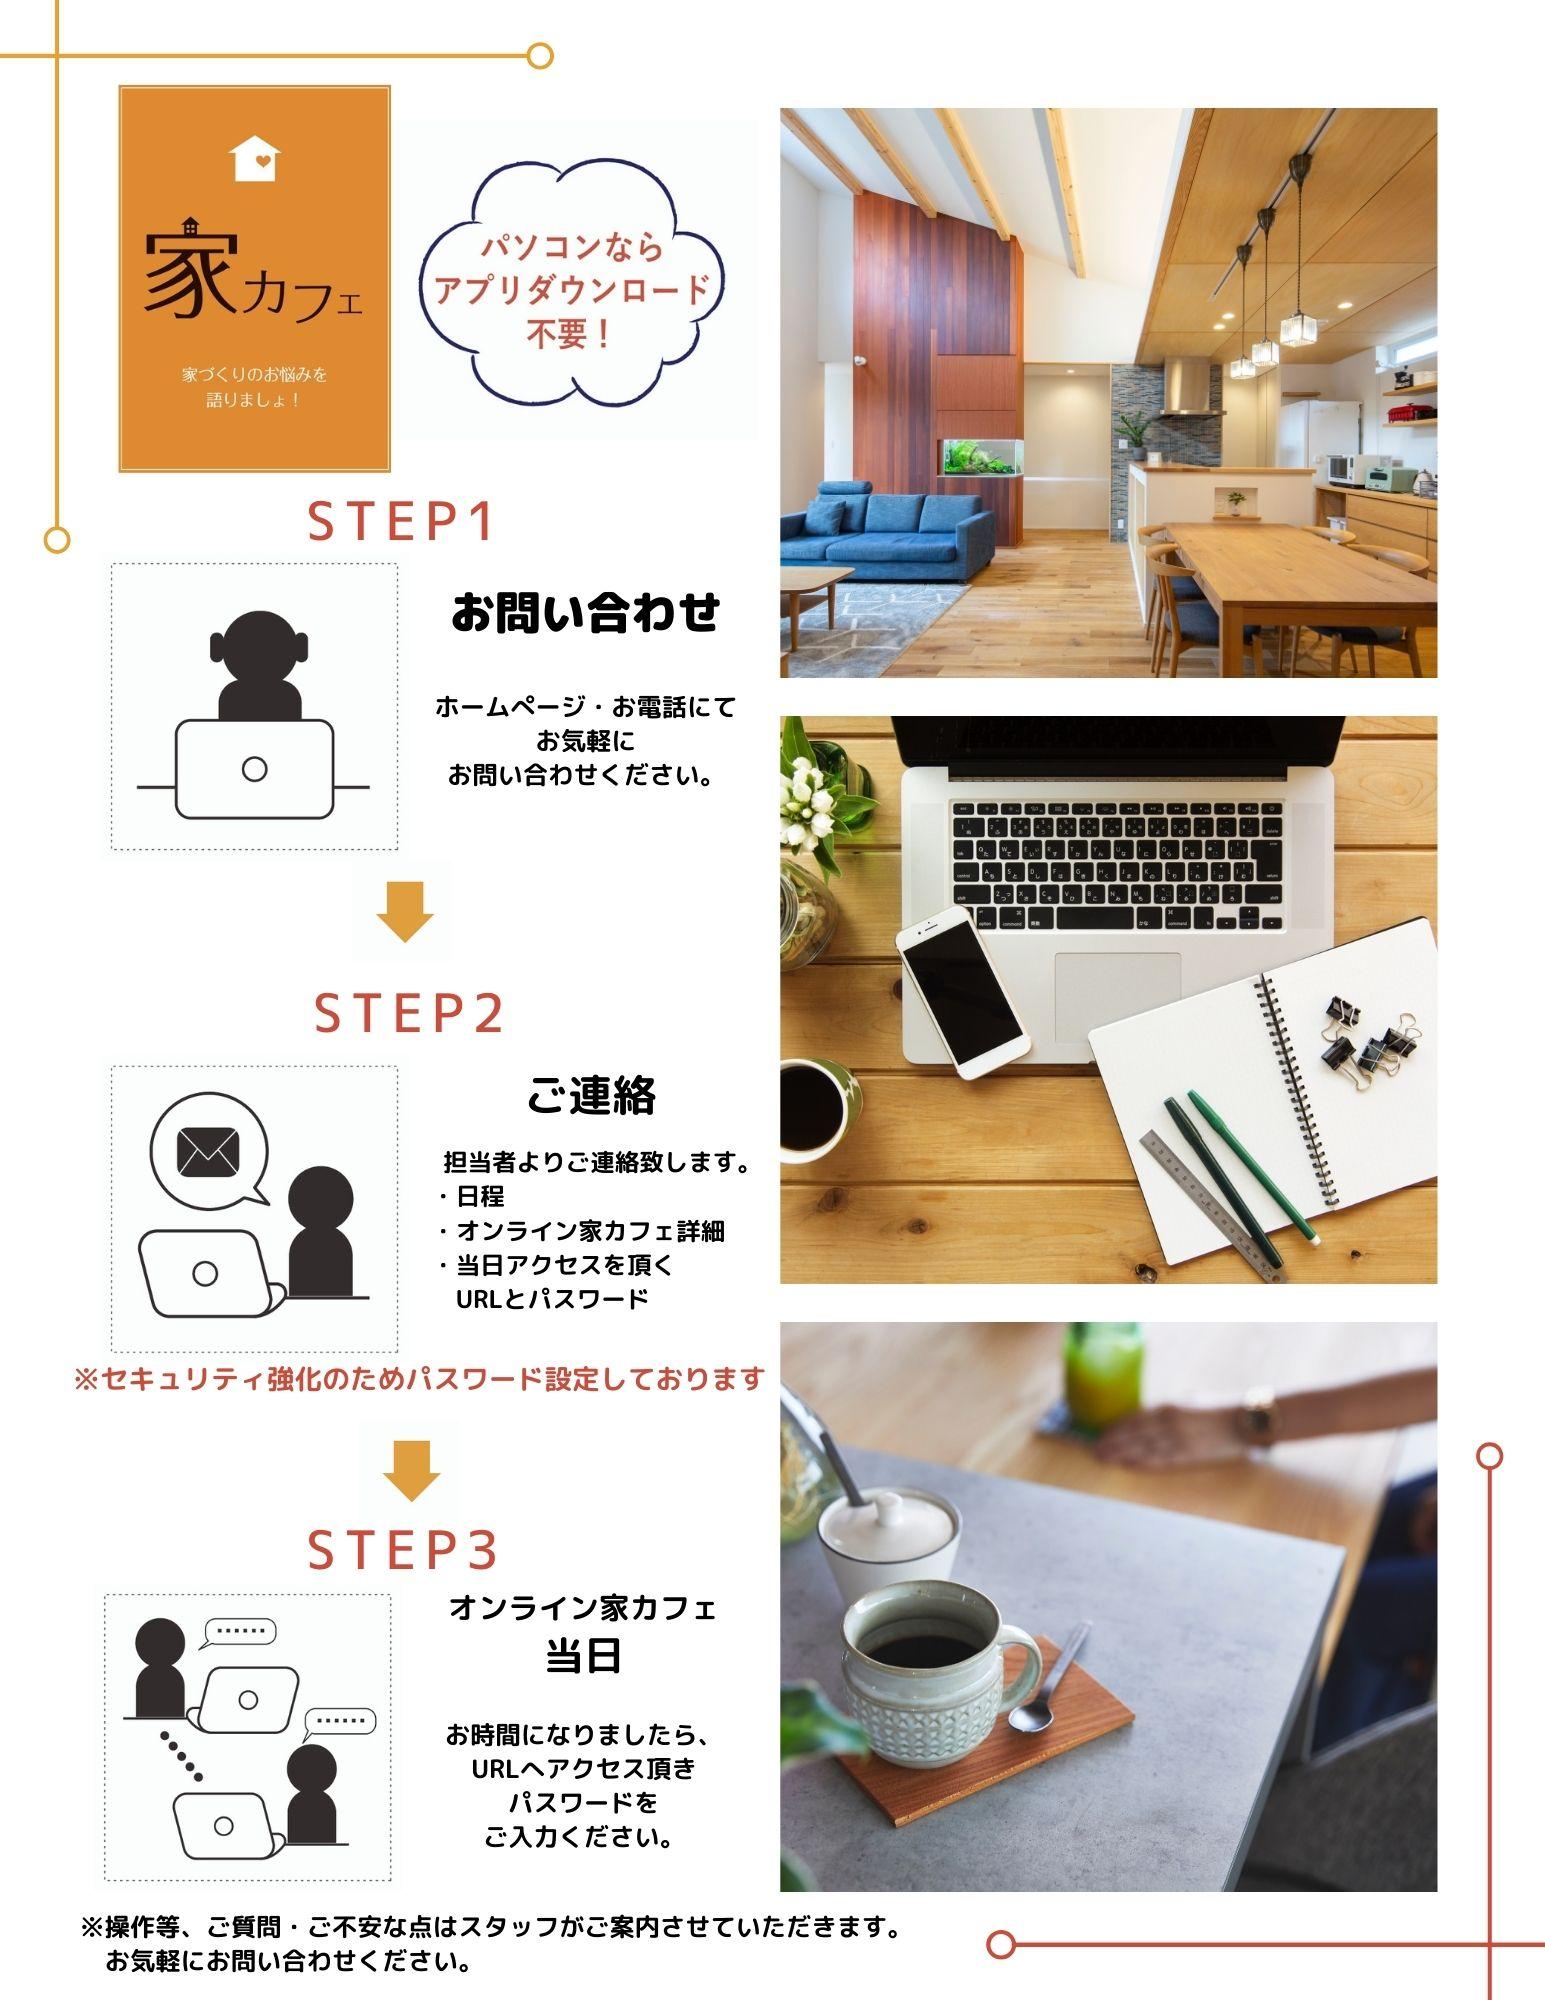 和歌山,新築,一戸建て,相談,家カフェ,オンライン,リモート